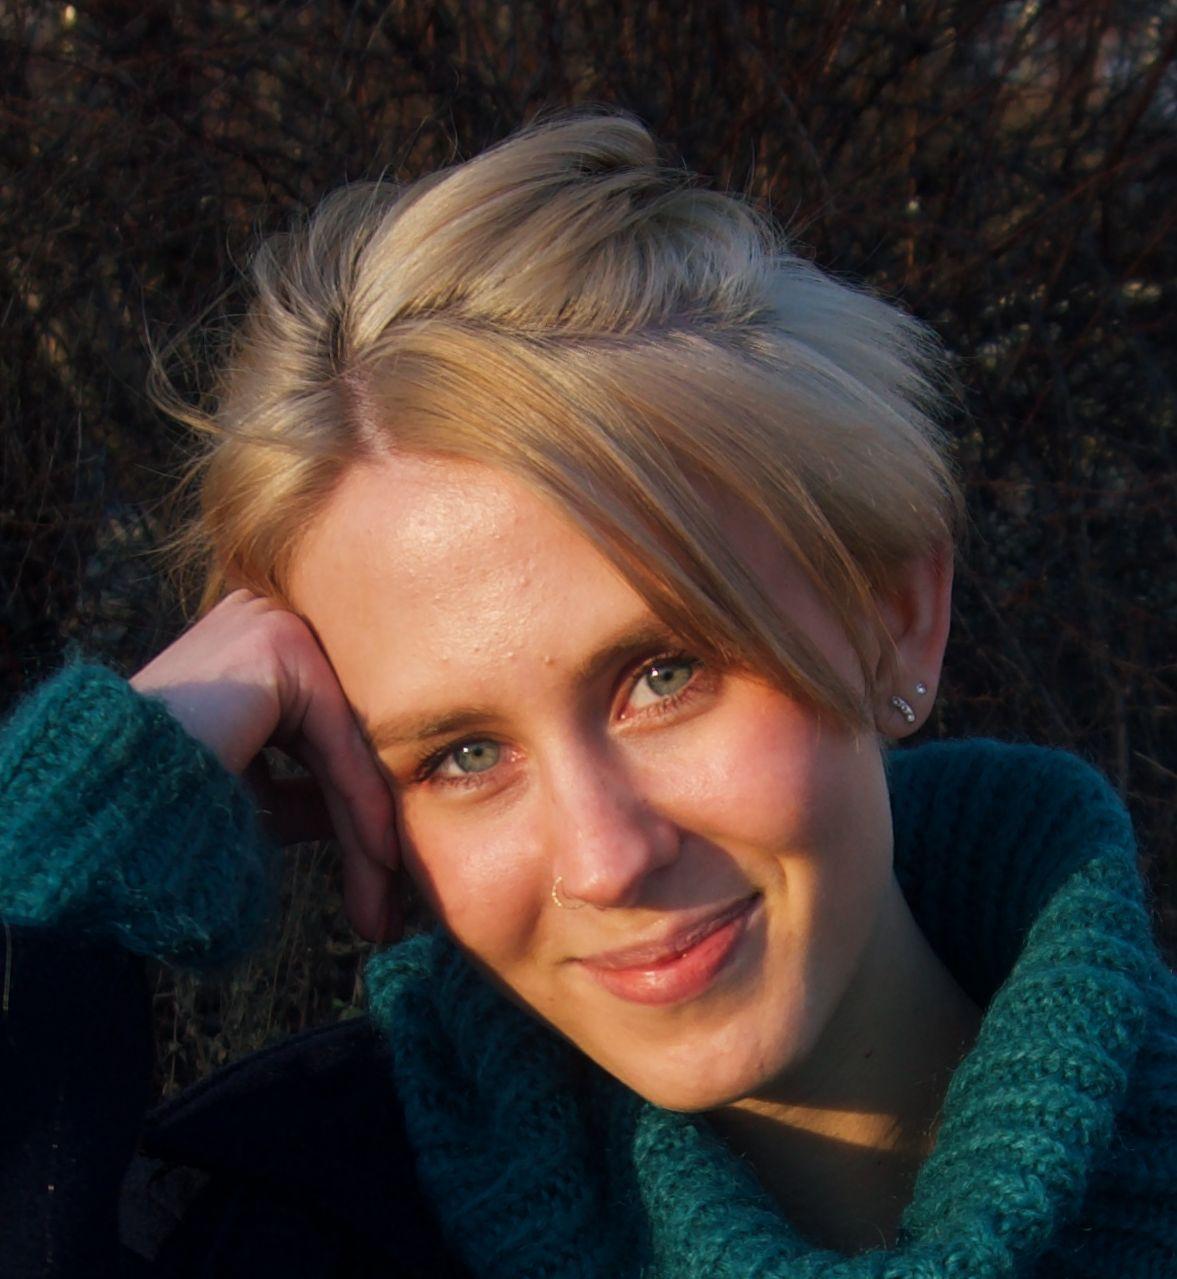 Elise Sandvik